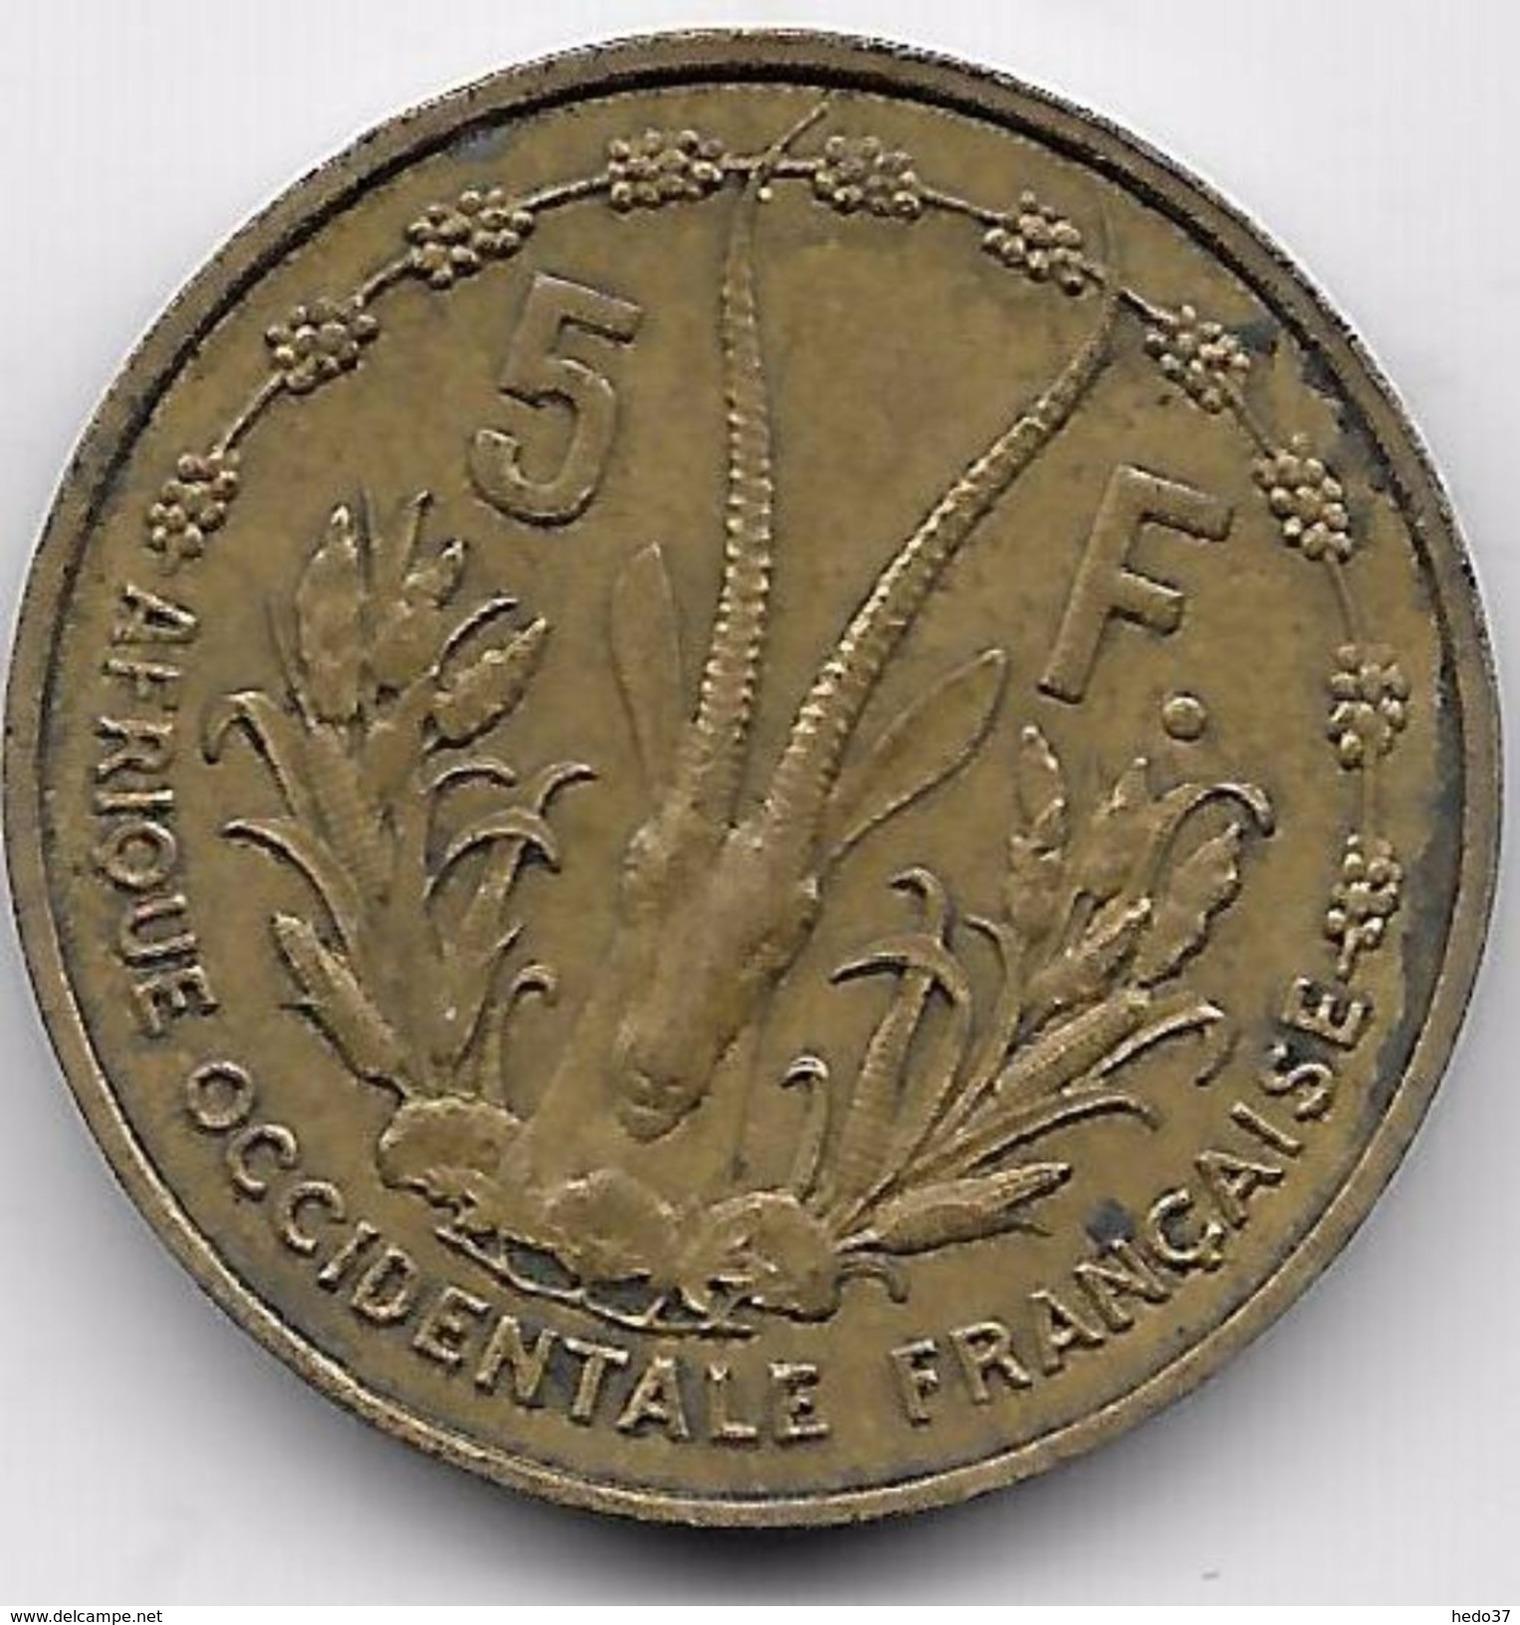 Afrique Occidentale Française - 5 Francs 1956 - Monnaies